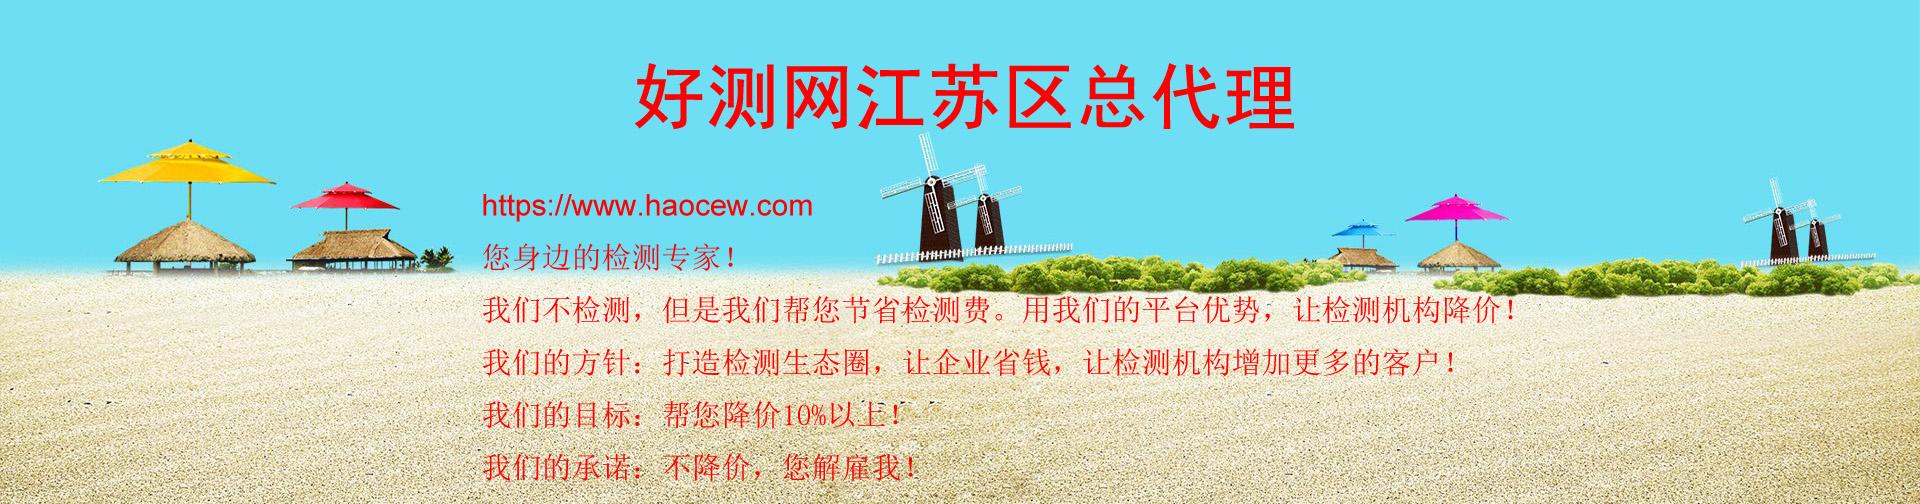 苏州铺路石企业管理咨询有限公司